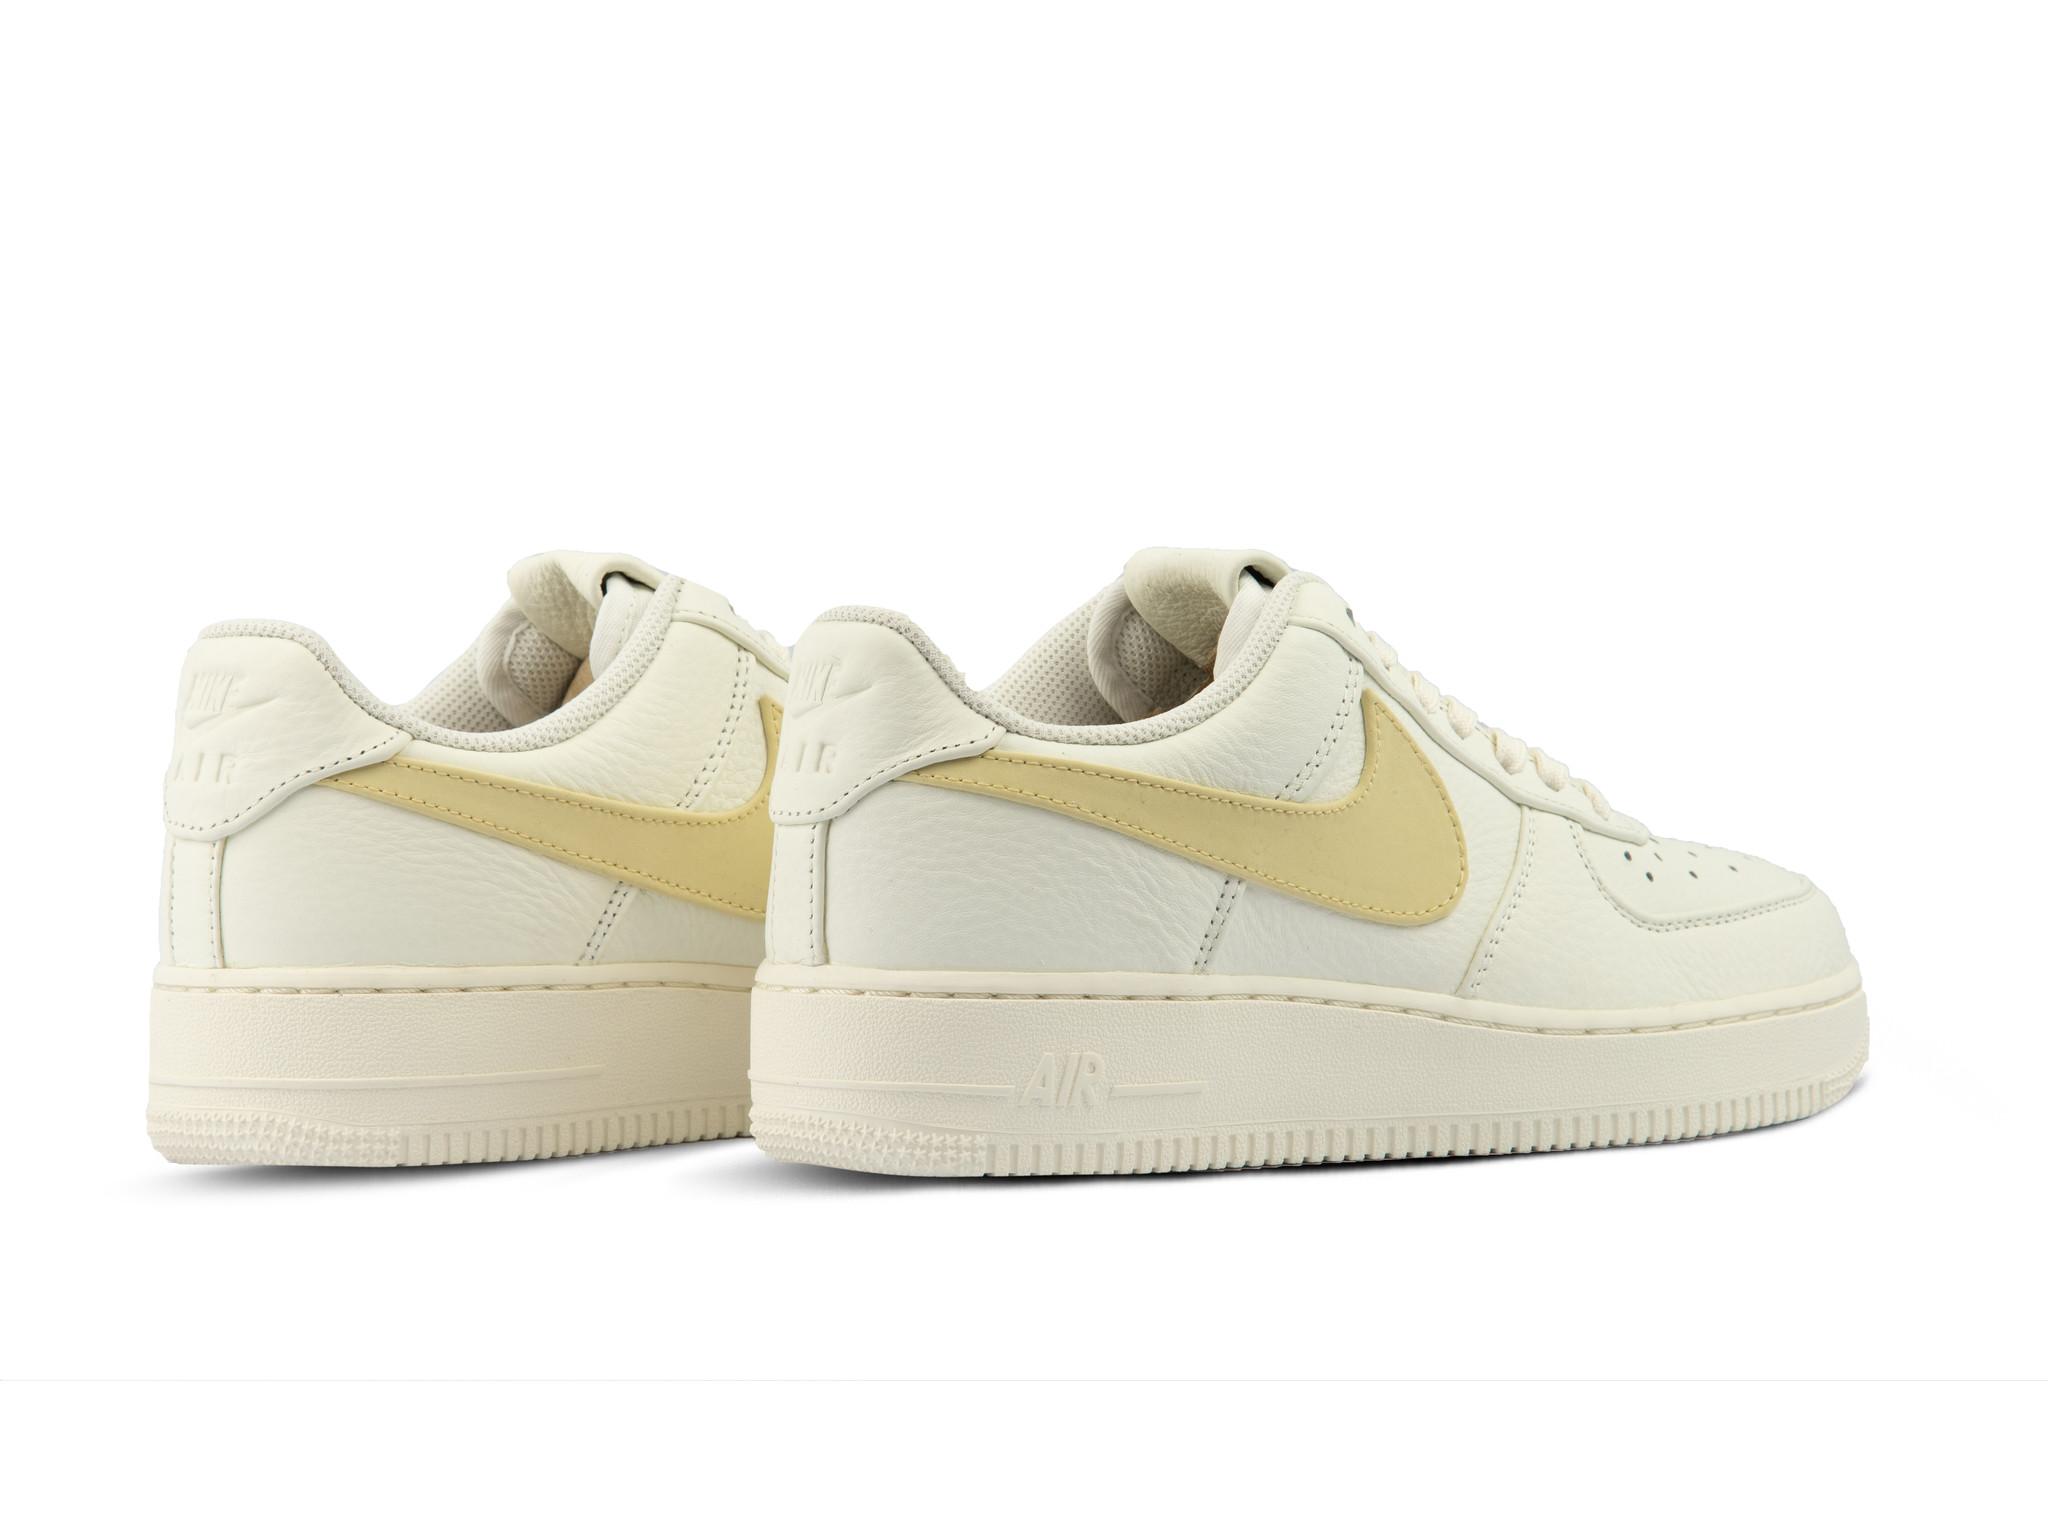 Nike Air Force 1 '07 PRM 2 Sail Pale Vanilla AT4143 101